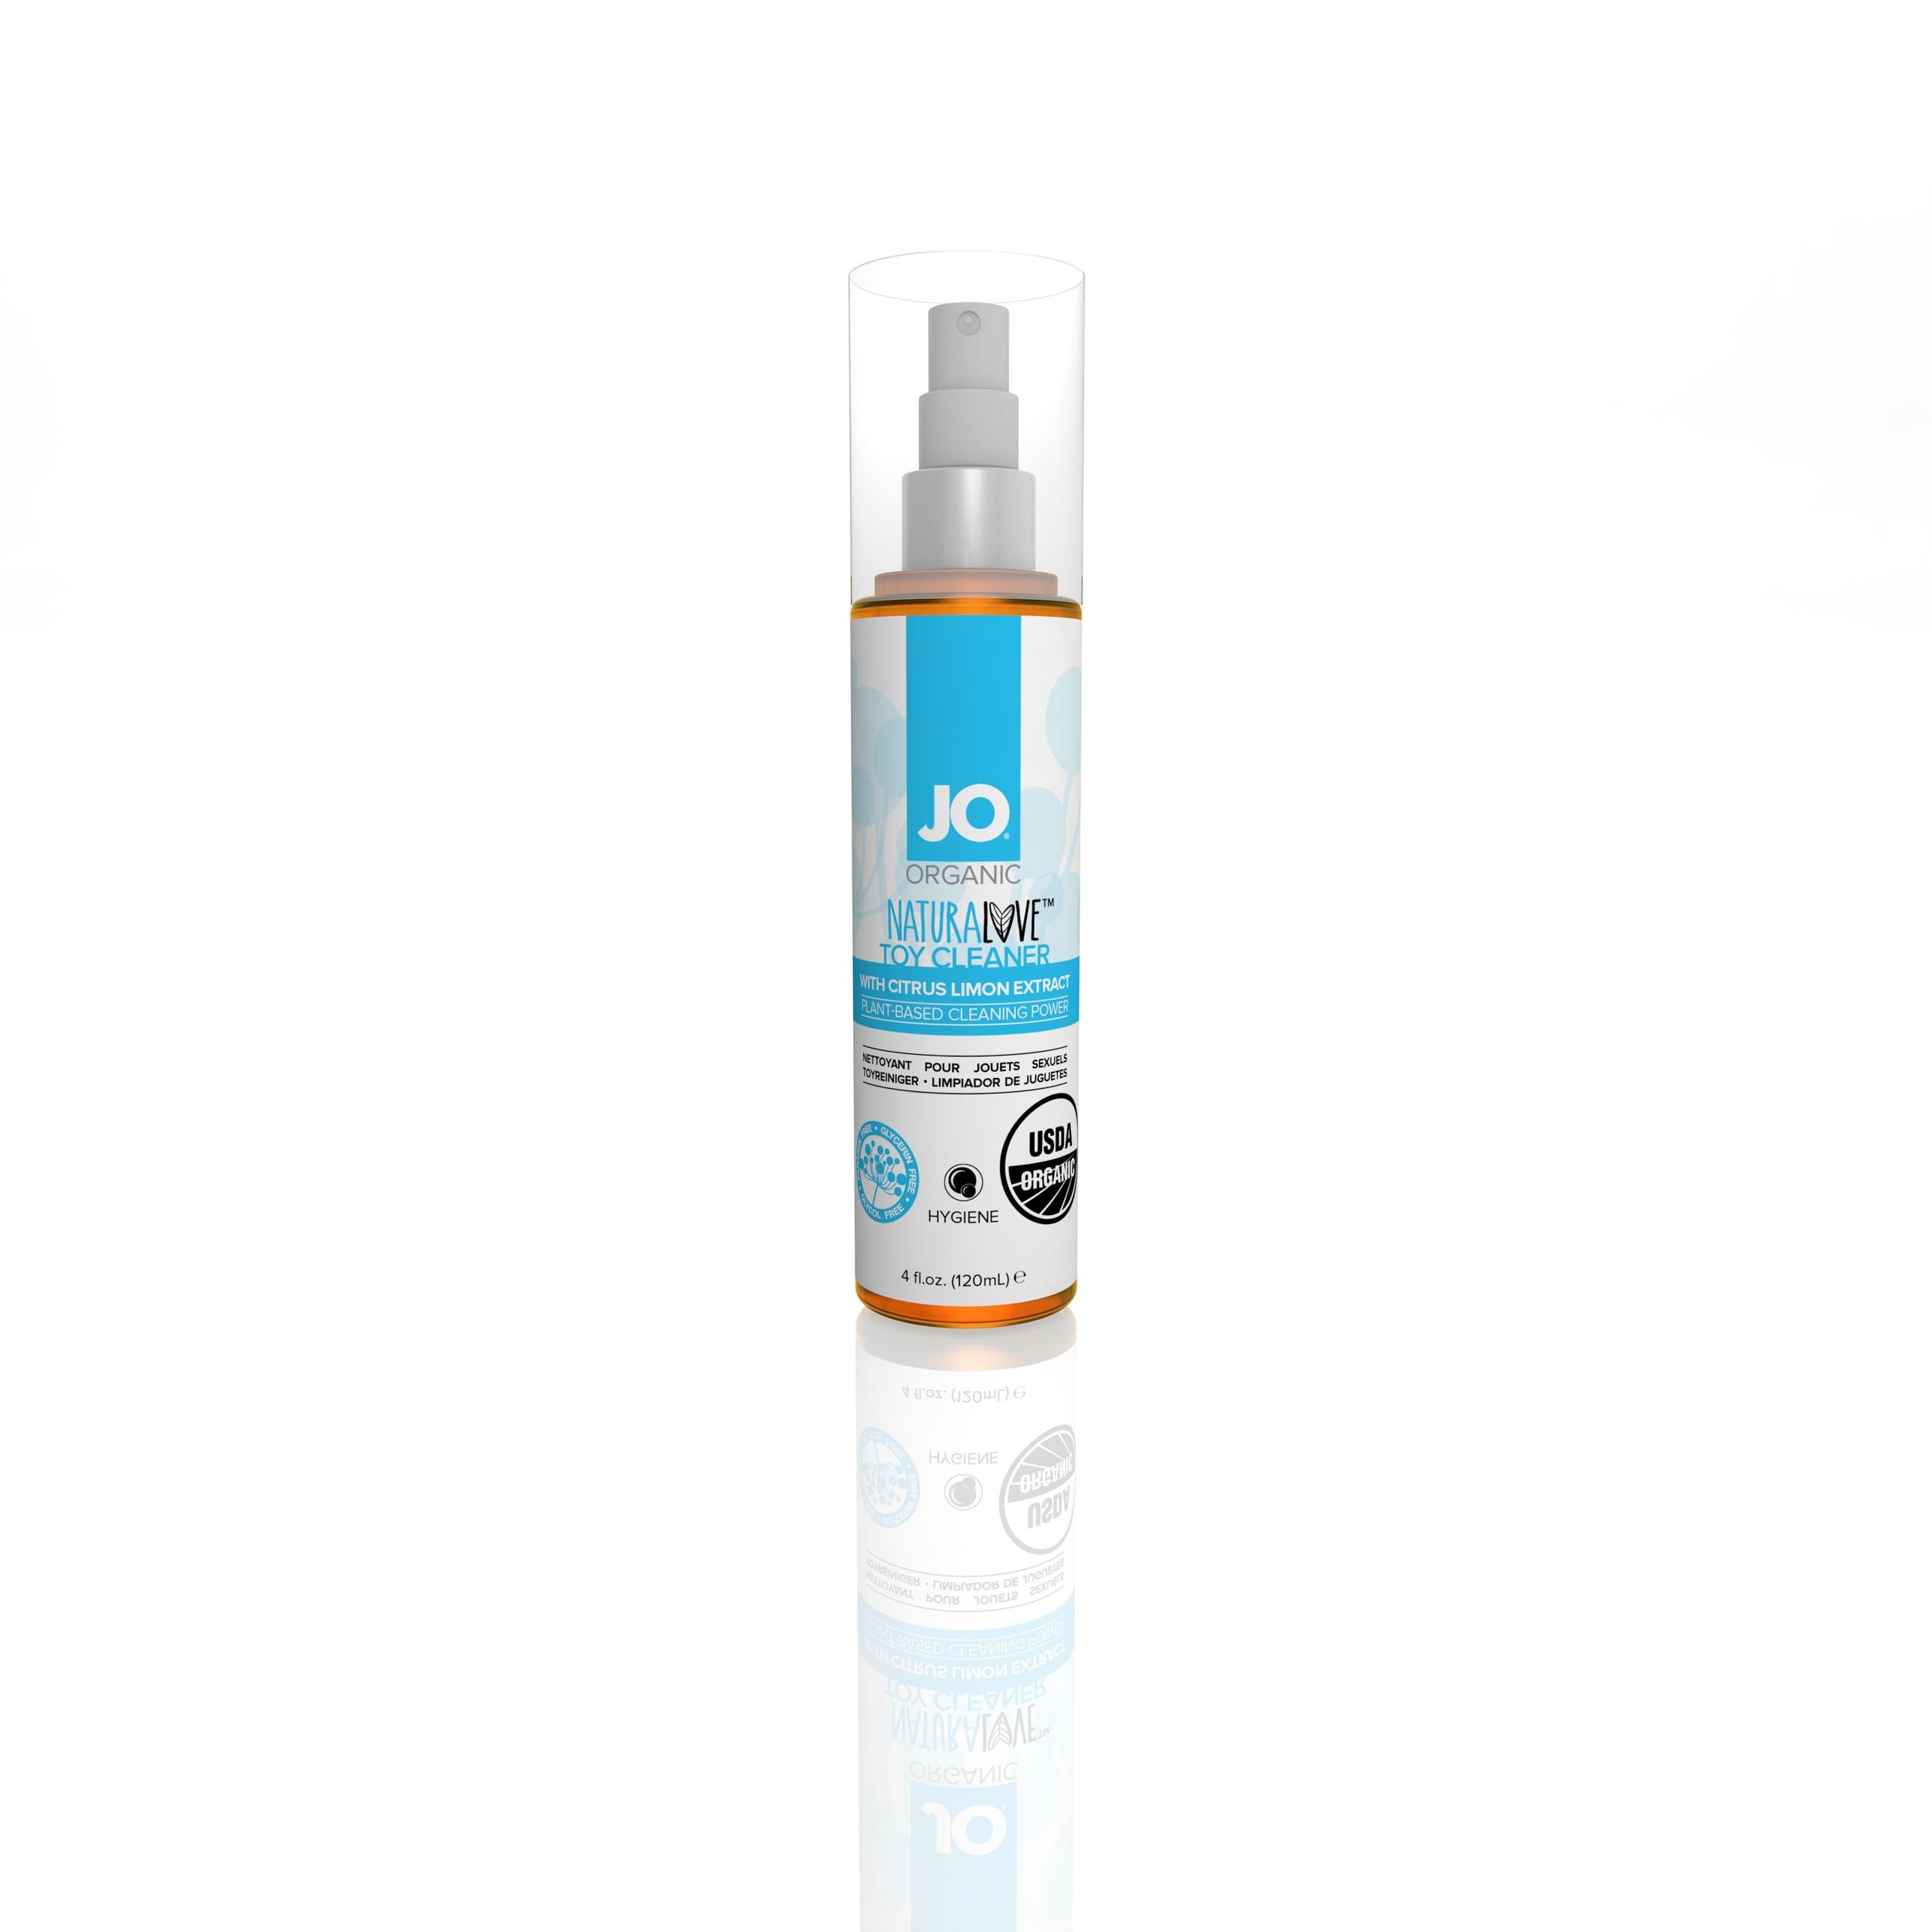 JO USDA Organic 4oz Toy Cleaner (straight on) (white)001.jpg